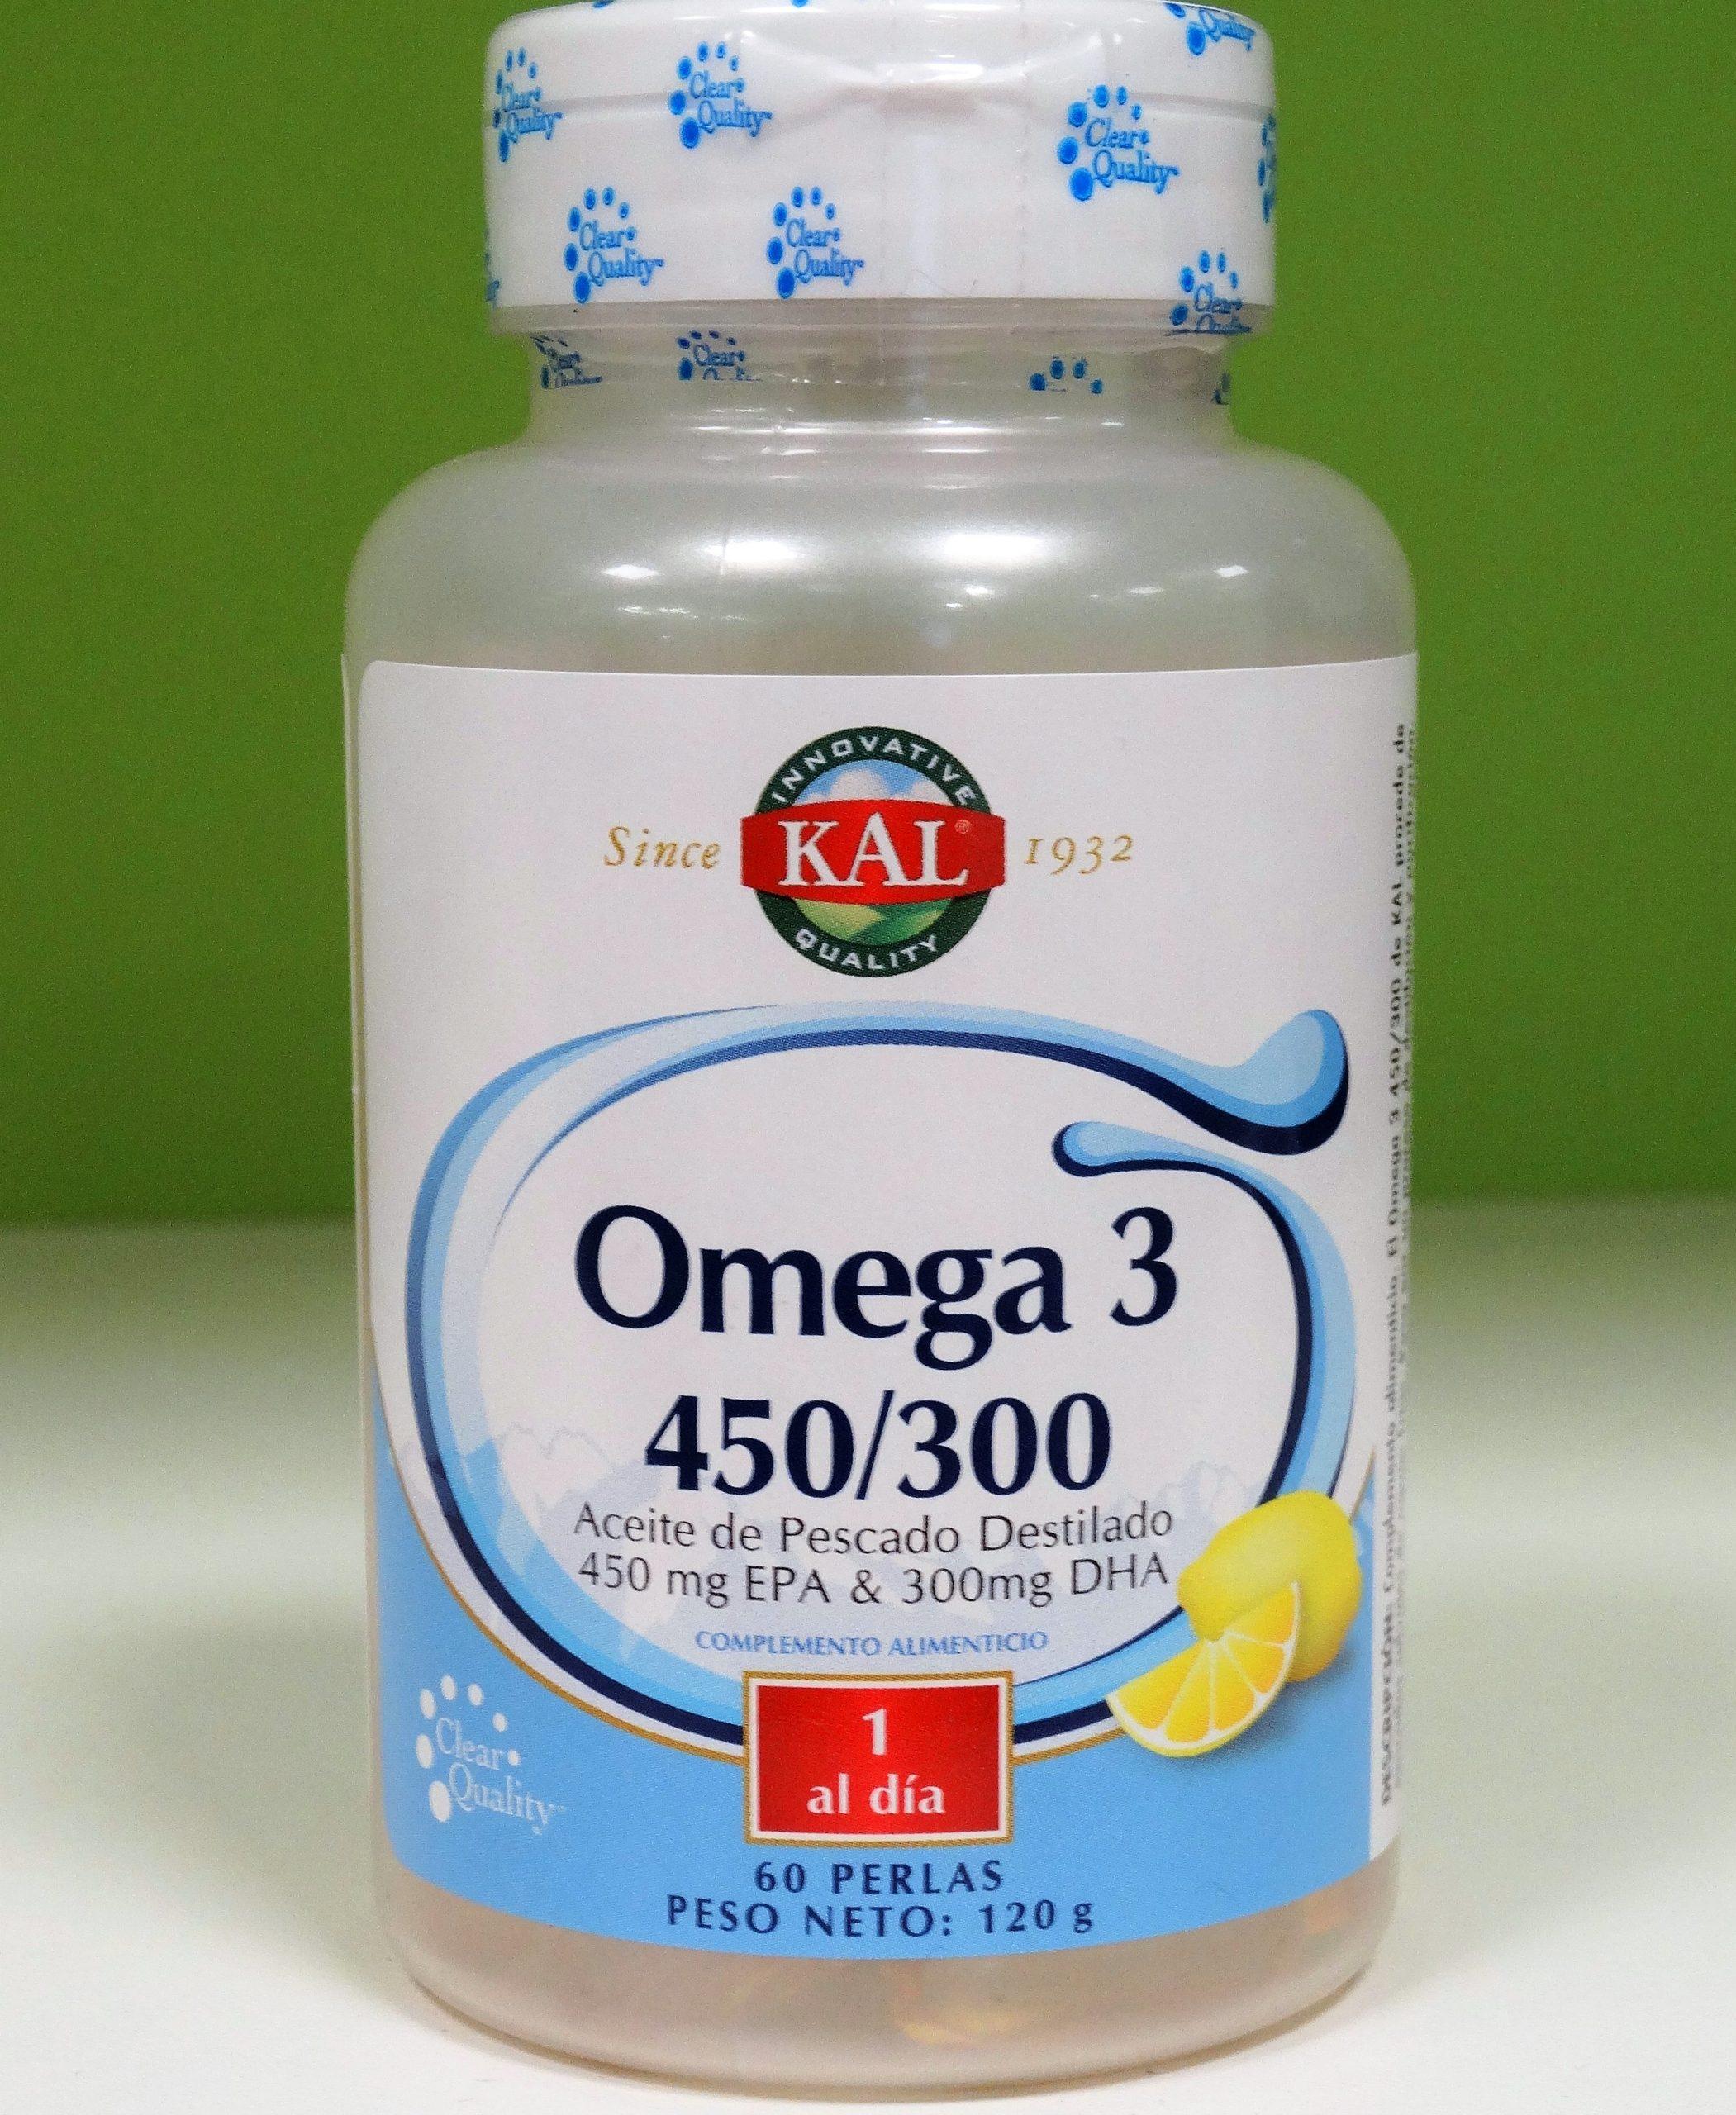 El omega 3 450/300 de Kal procede de pescados salvajes de aguas frías